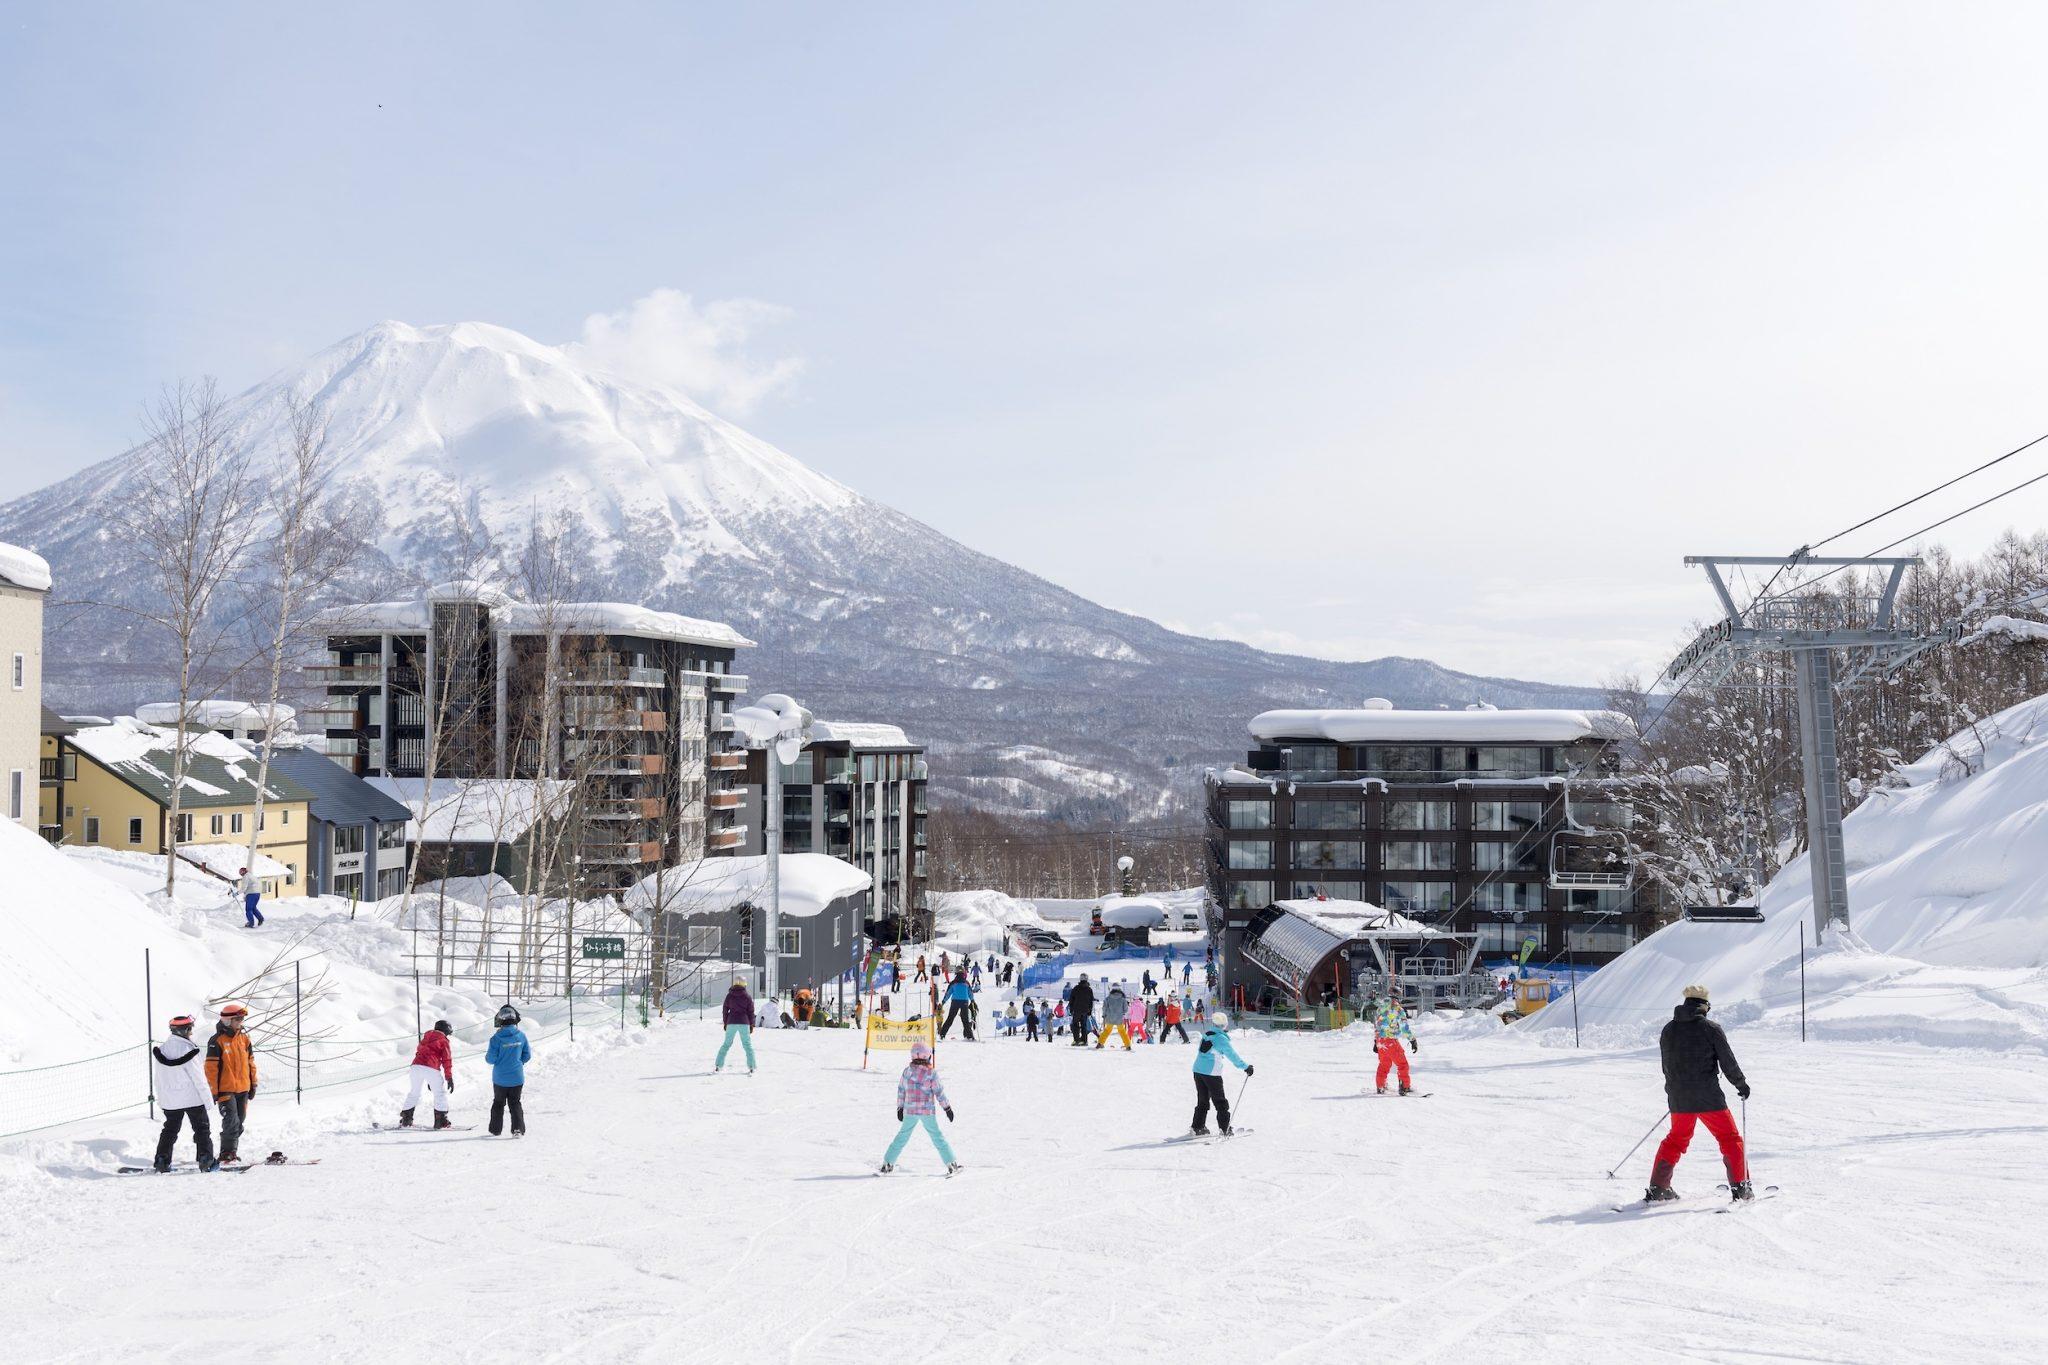 aya-niseko-exterior-winter-14